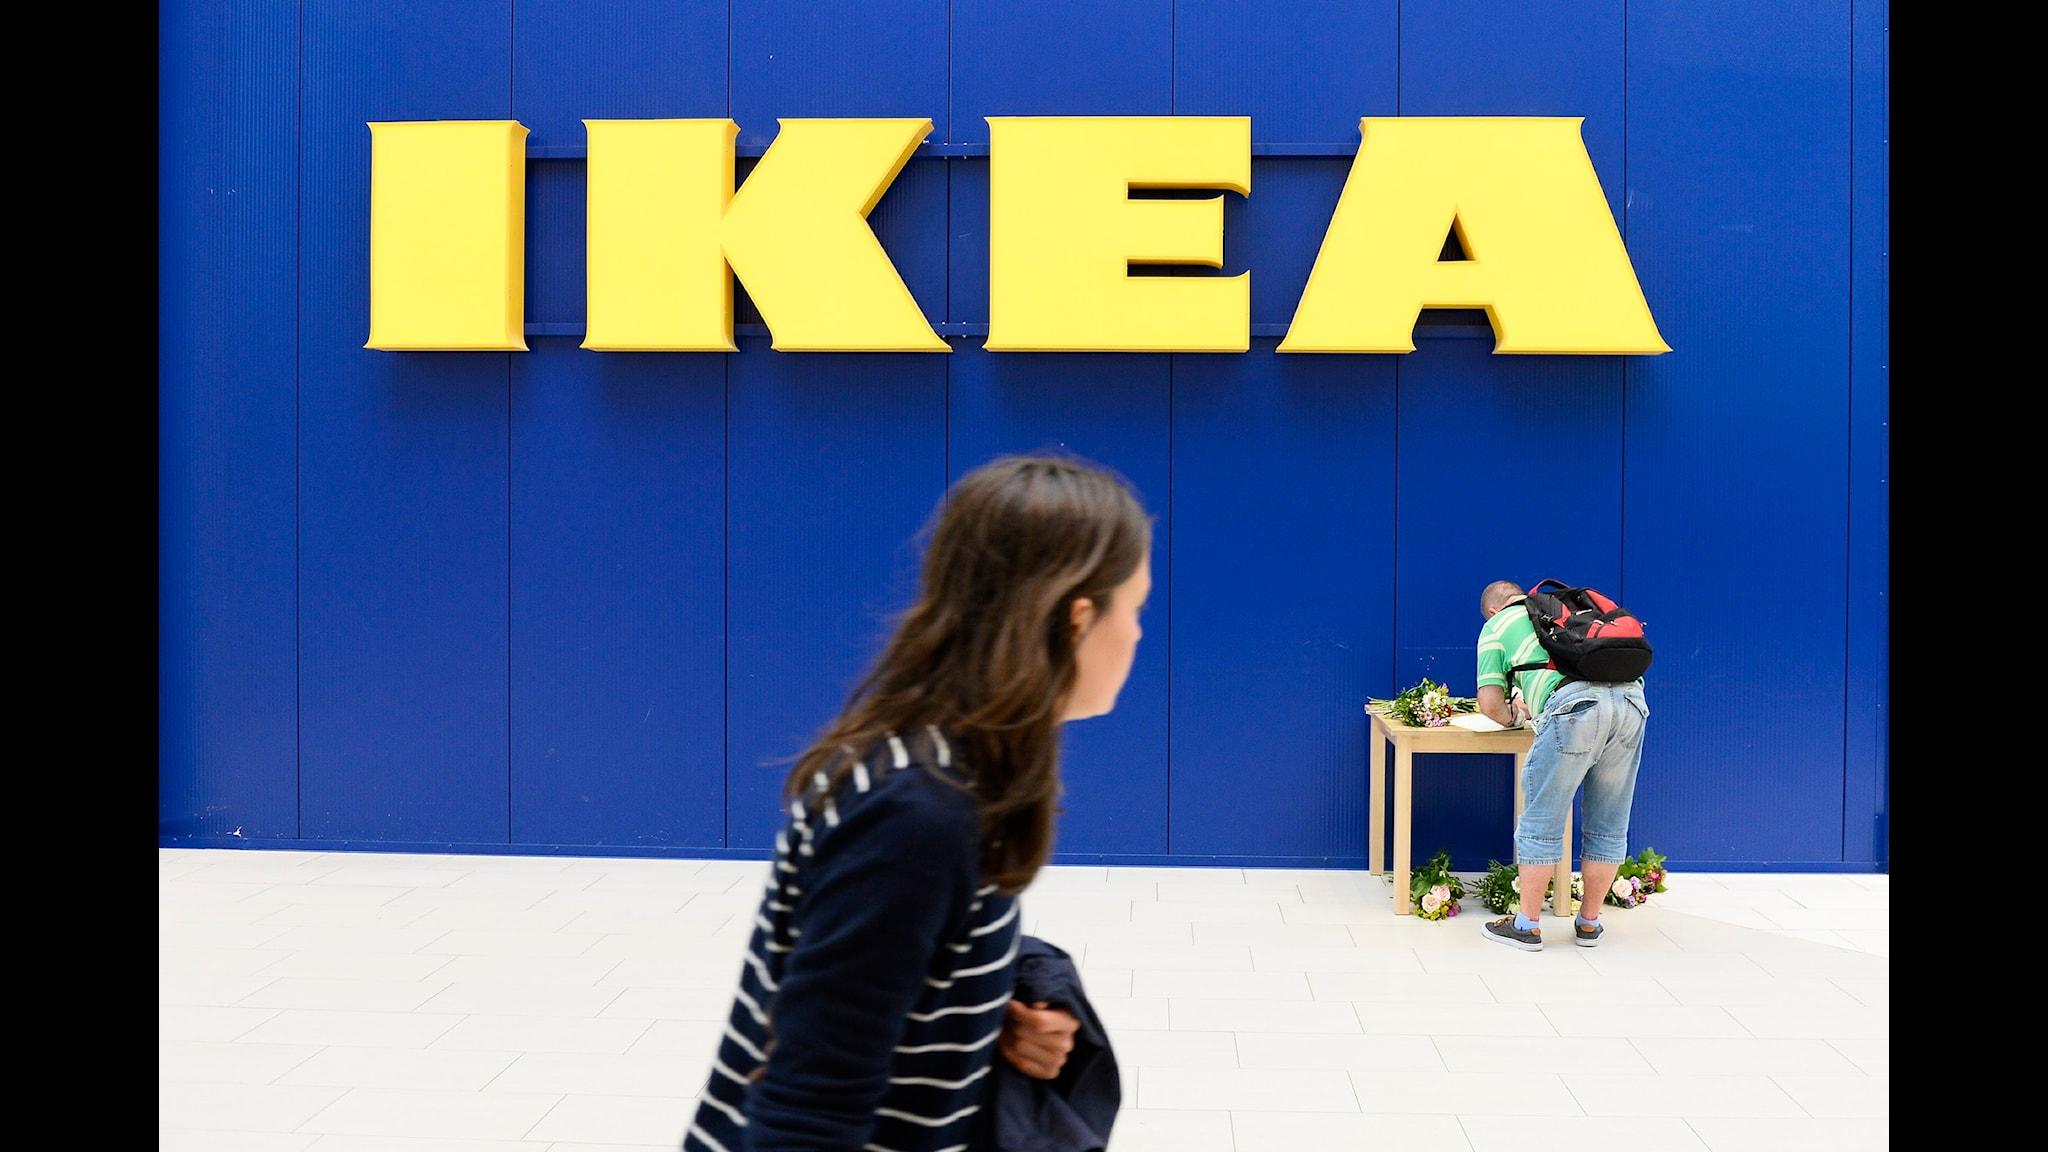 Morden på Ikea i Västerås kastade en skugga i medierna. Foto: Anders Wiklund/TT